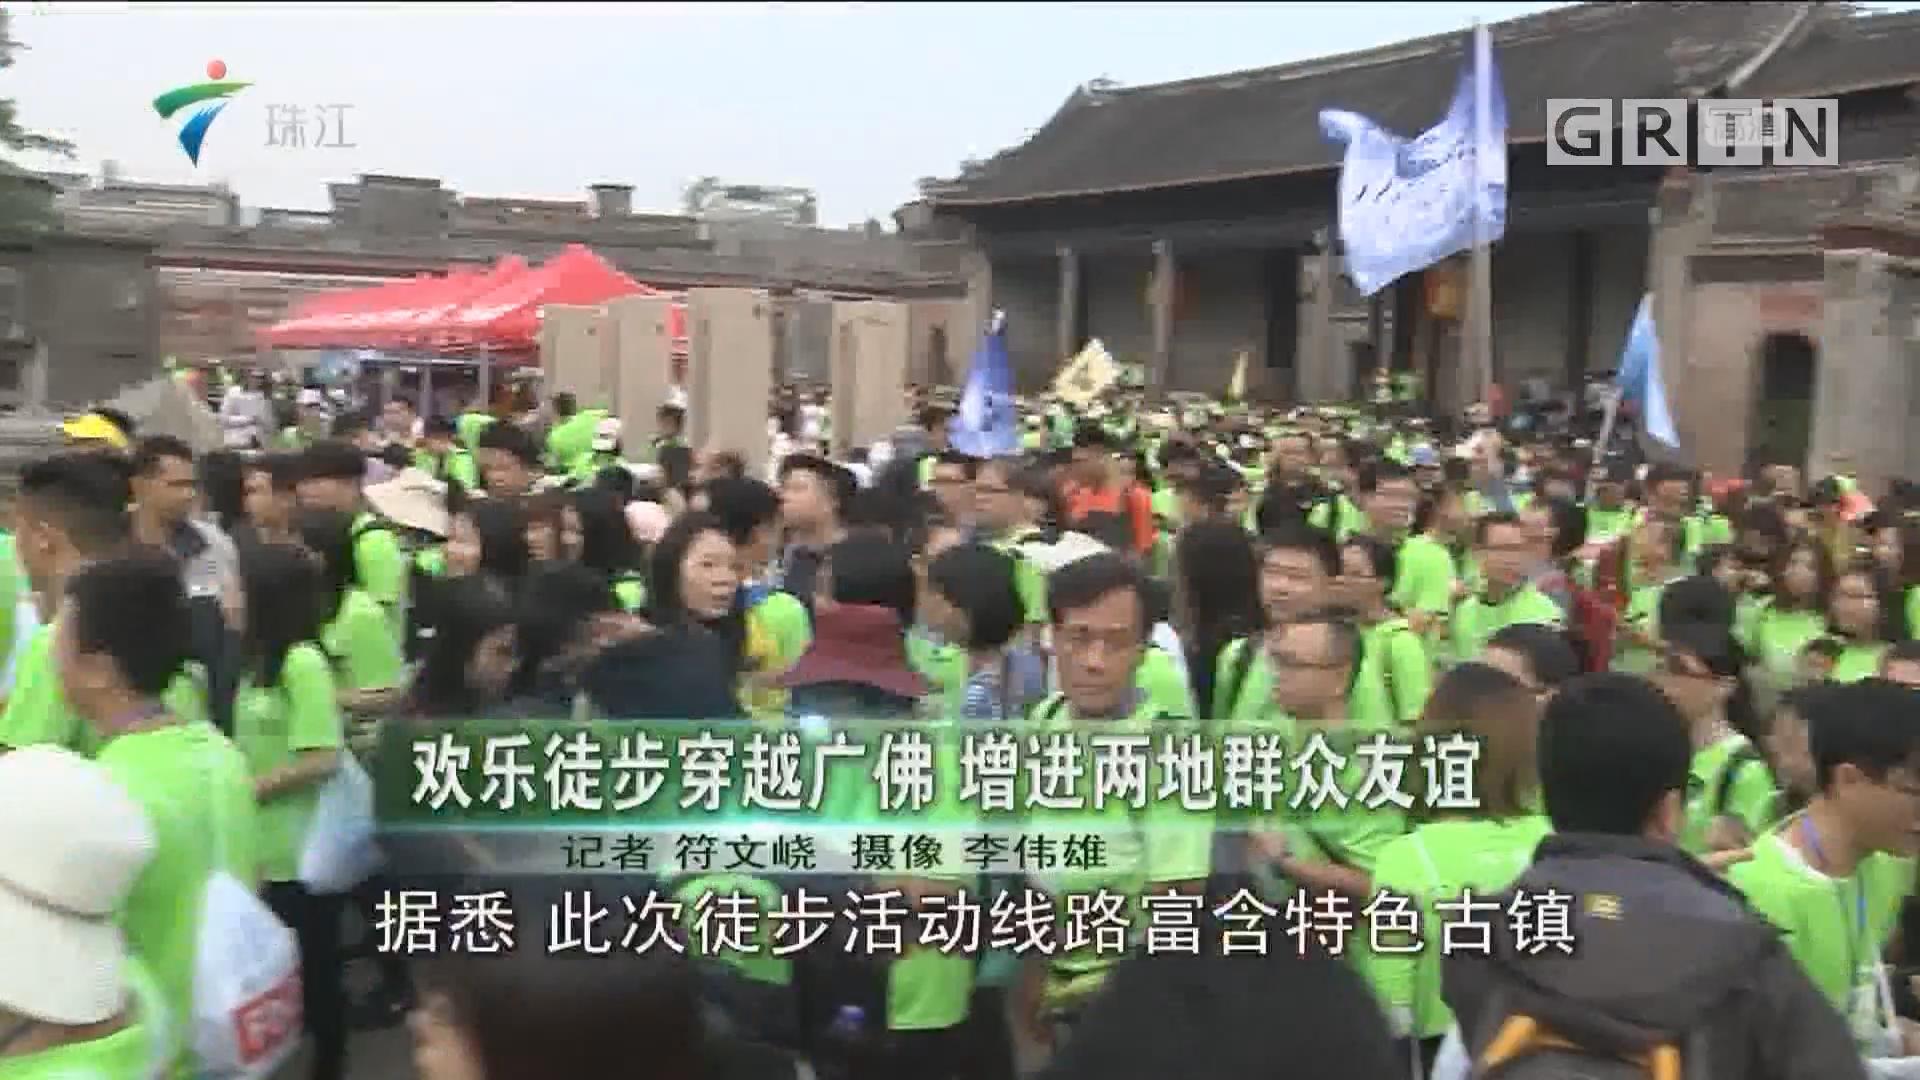 欢乐徒步穿越广佛 增进两地群众友谊